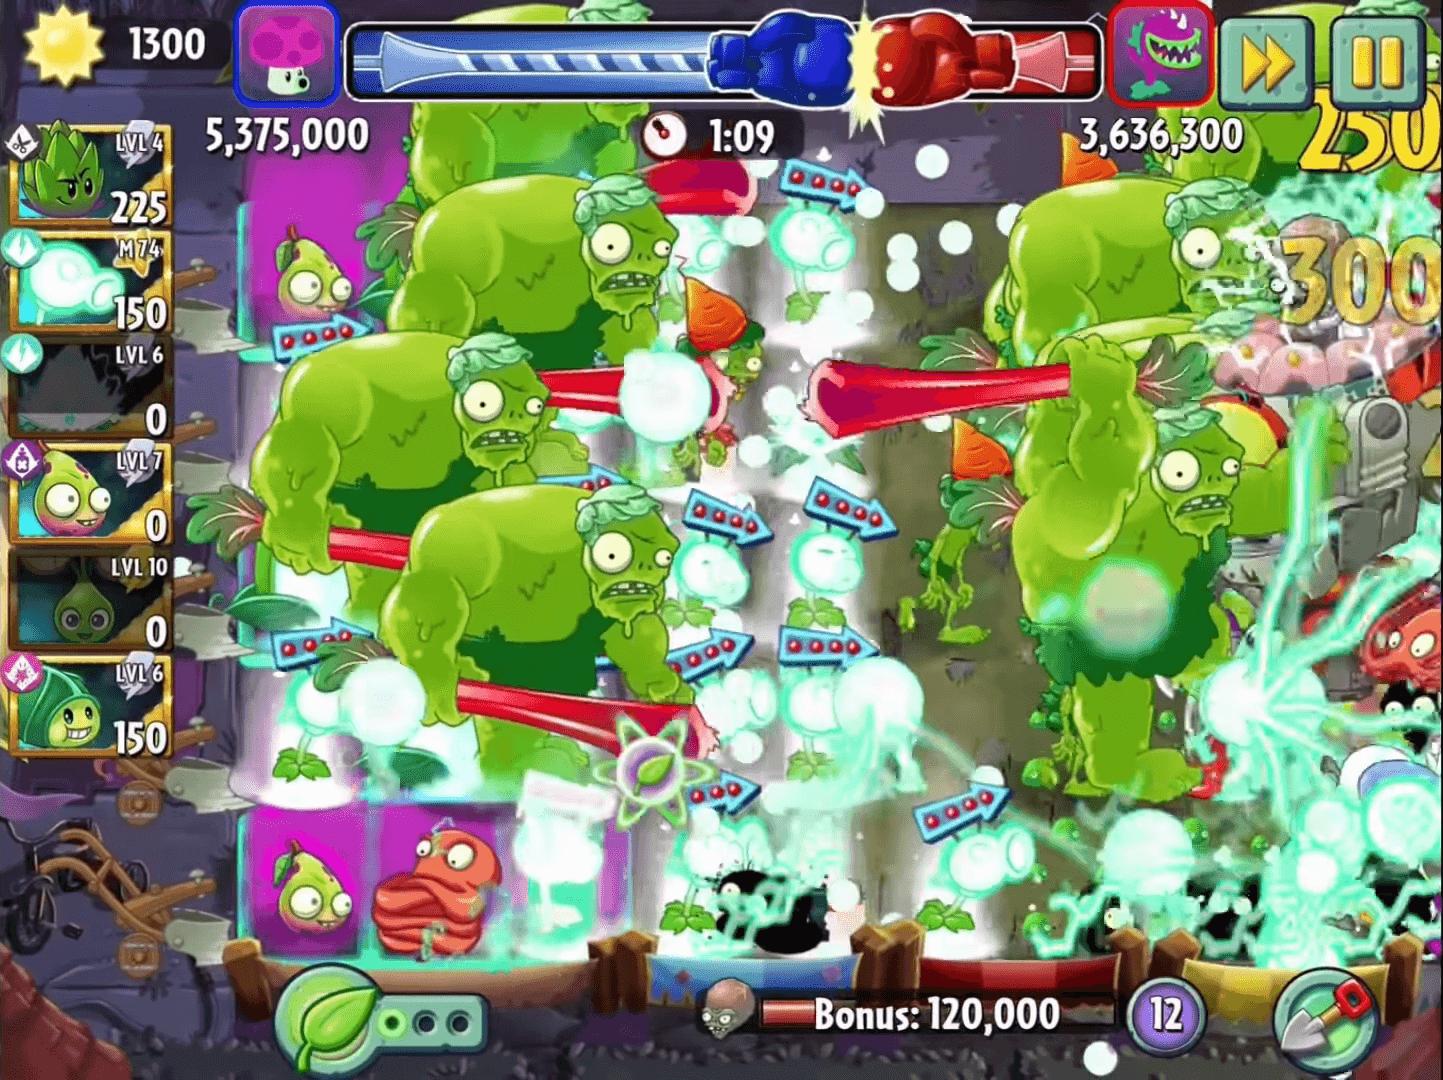 تحميل لعبة النباتات ضد الزومبي 4 للكمبيوتر